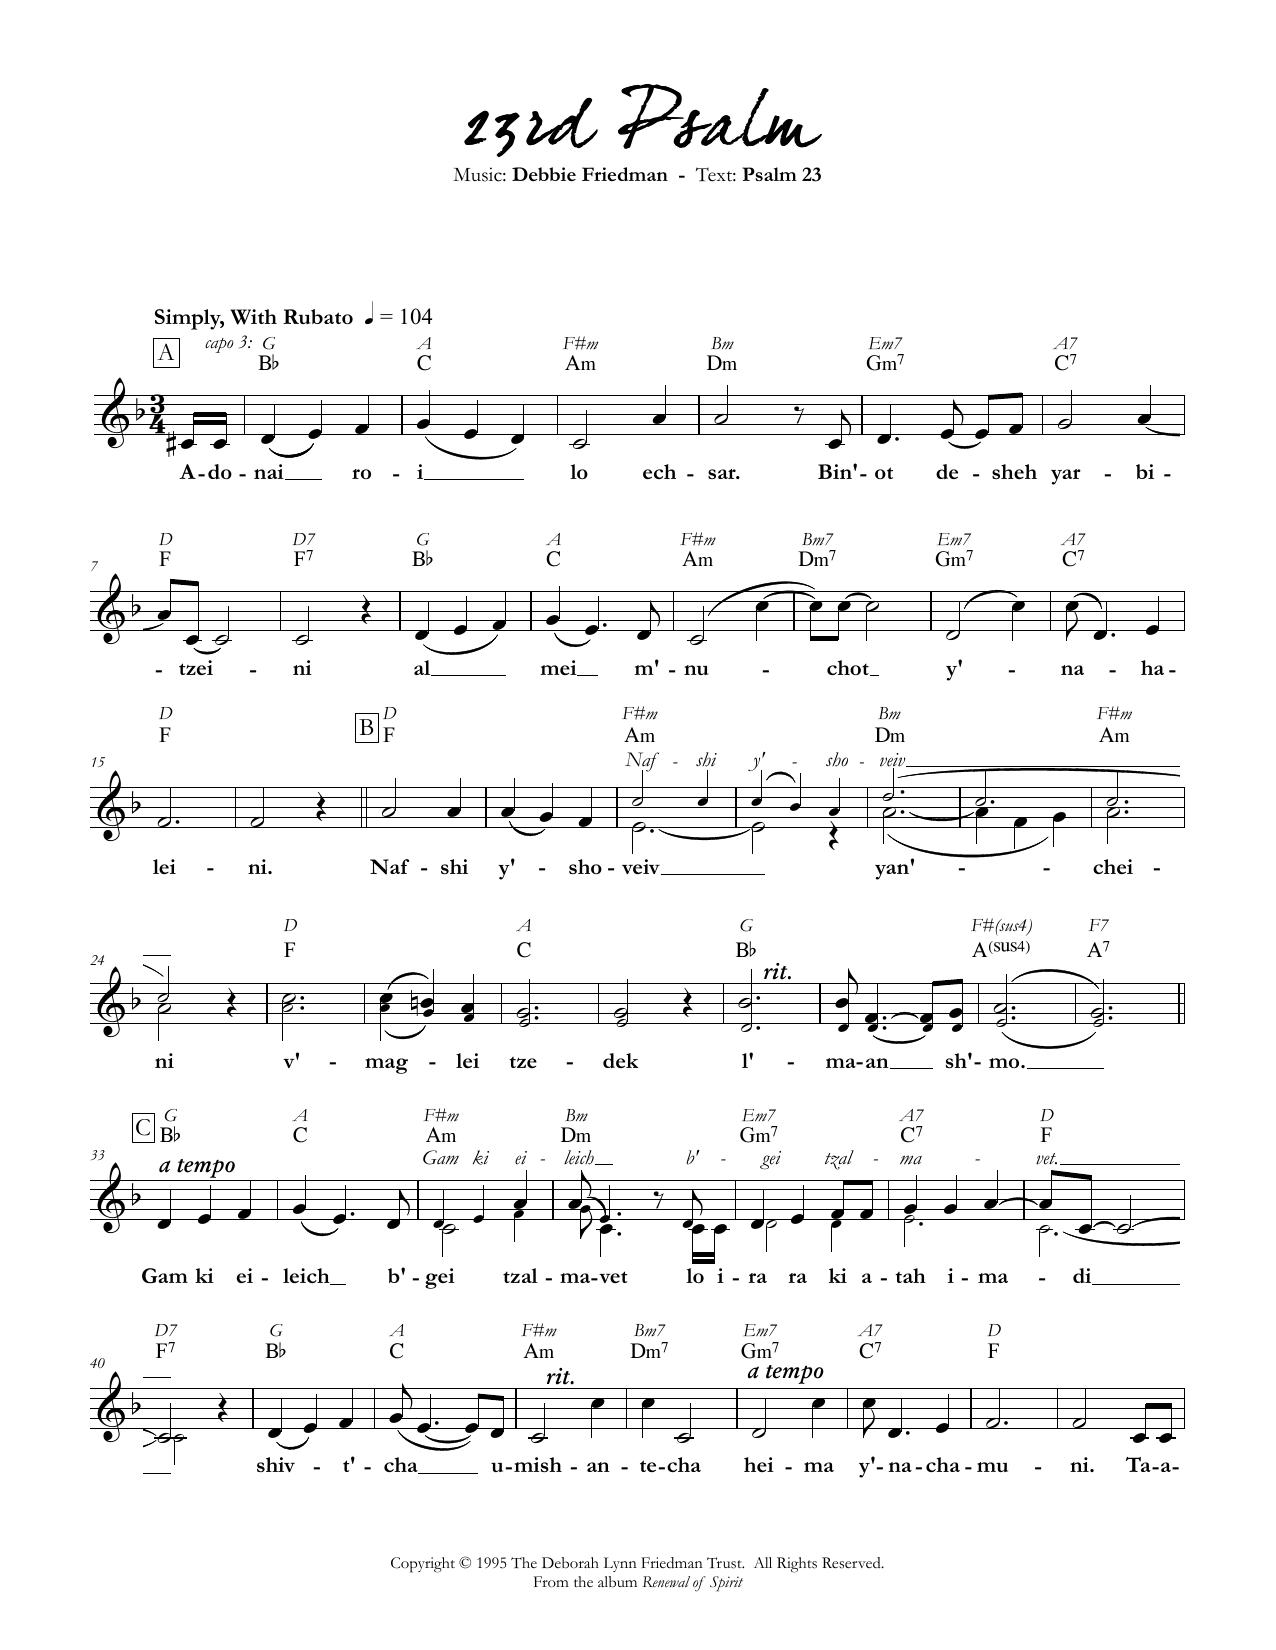 Debbie Friedman - 23rd Psalm